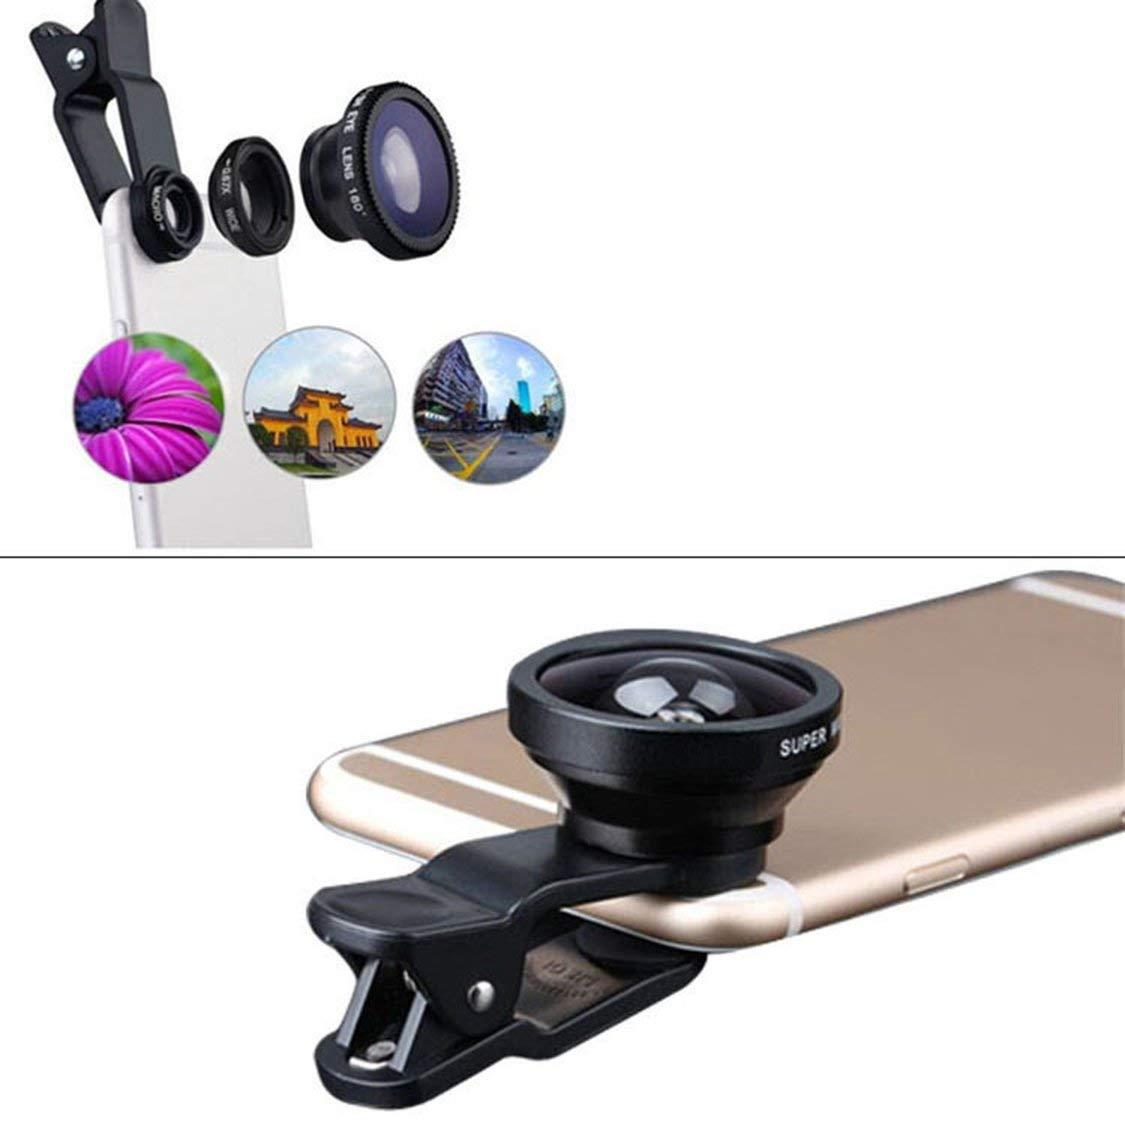 Obiettivo grandangolare Trasforma Il Telefono nella Fotocamera Professionale Obiettivo Macro ITFancysweety Lente per Telefono Multifunzionale 3 in 1 Fish Lens